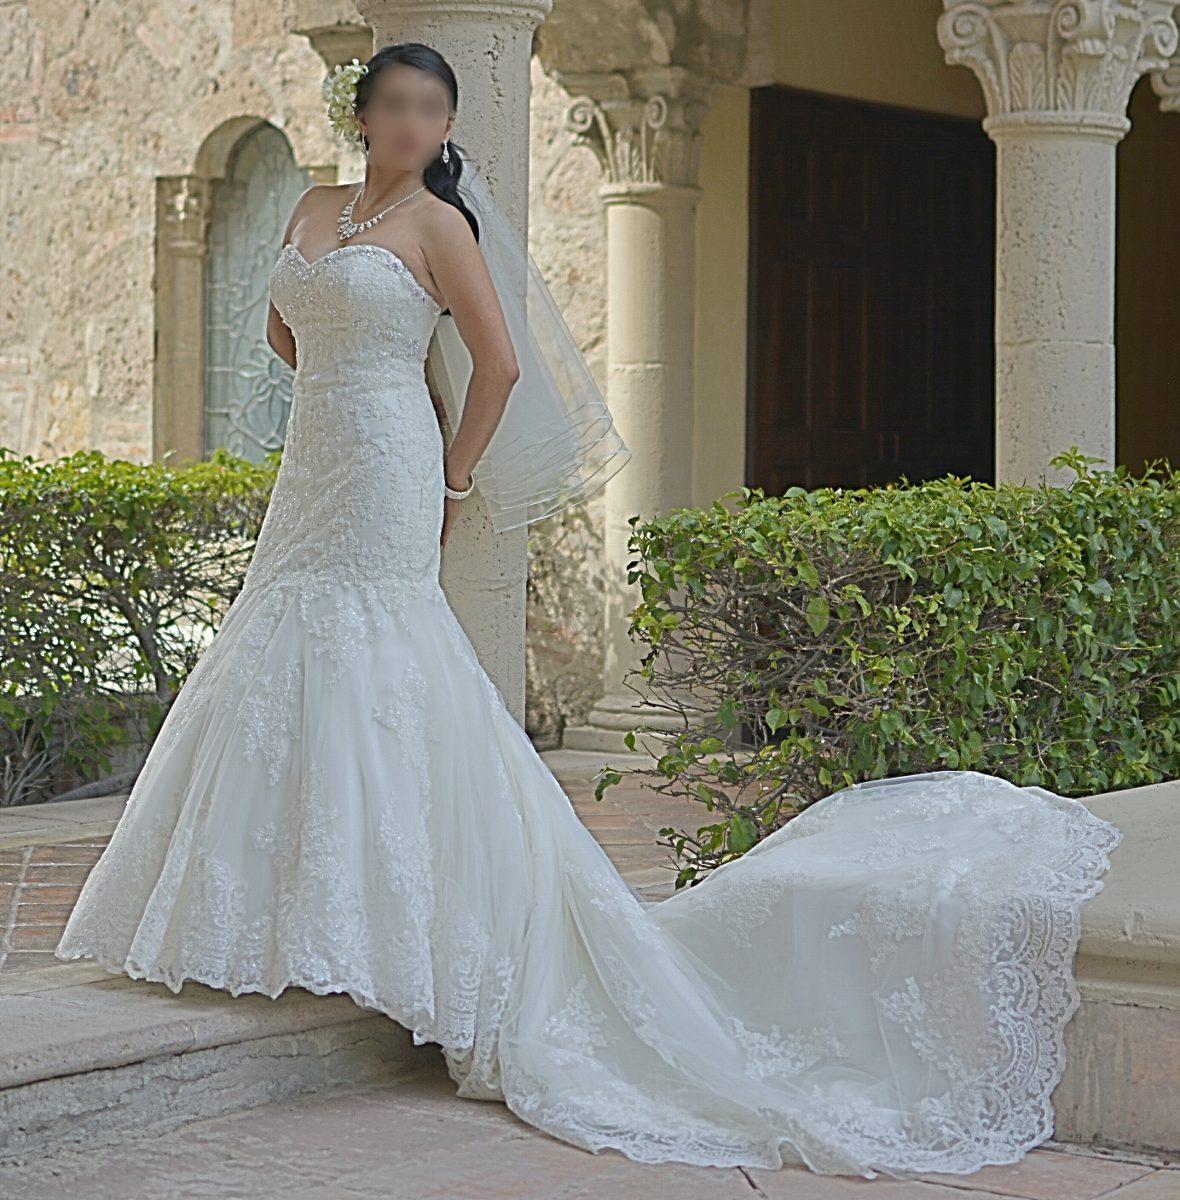 Vestido De Novia - $ 13,000.00 en Mercado Libre